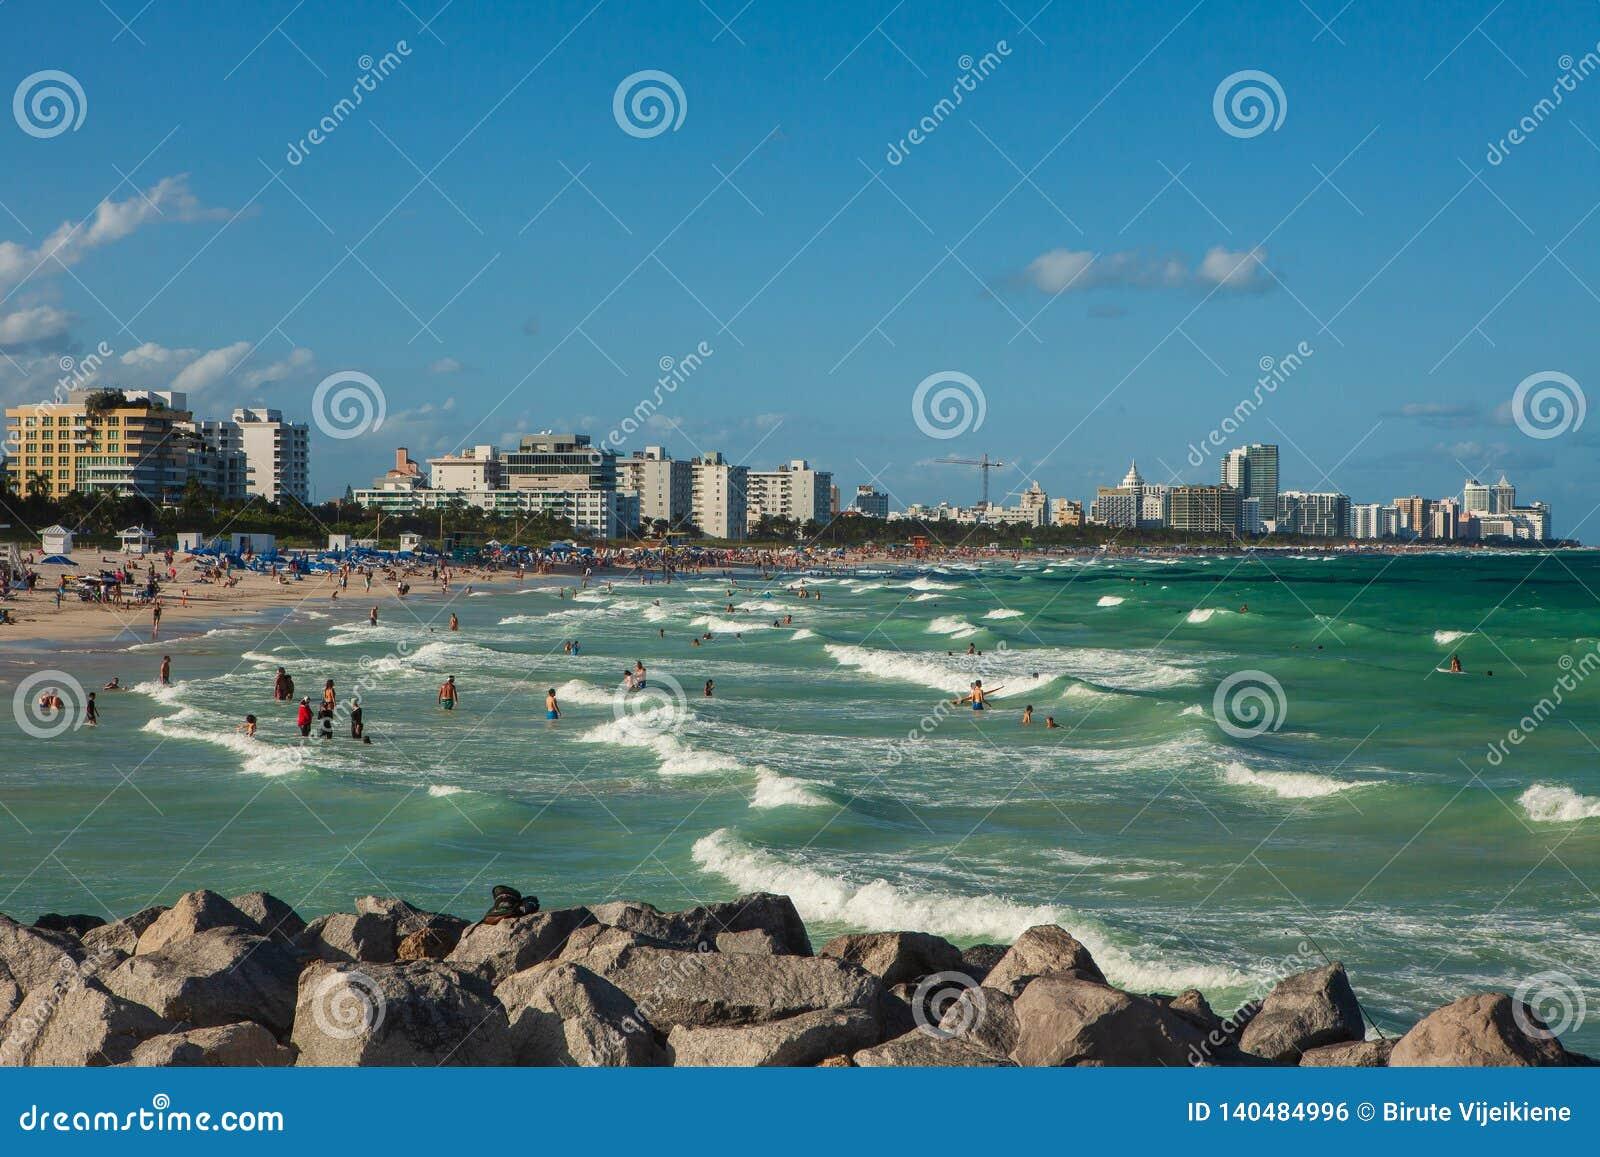 Południe plaża w Miami plaży, Floryda, Stany Zjednoczone